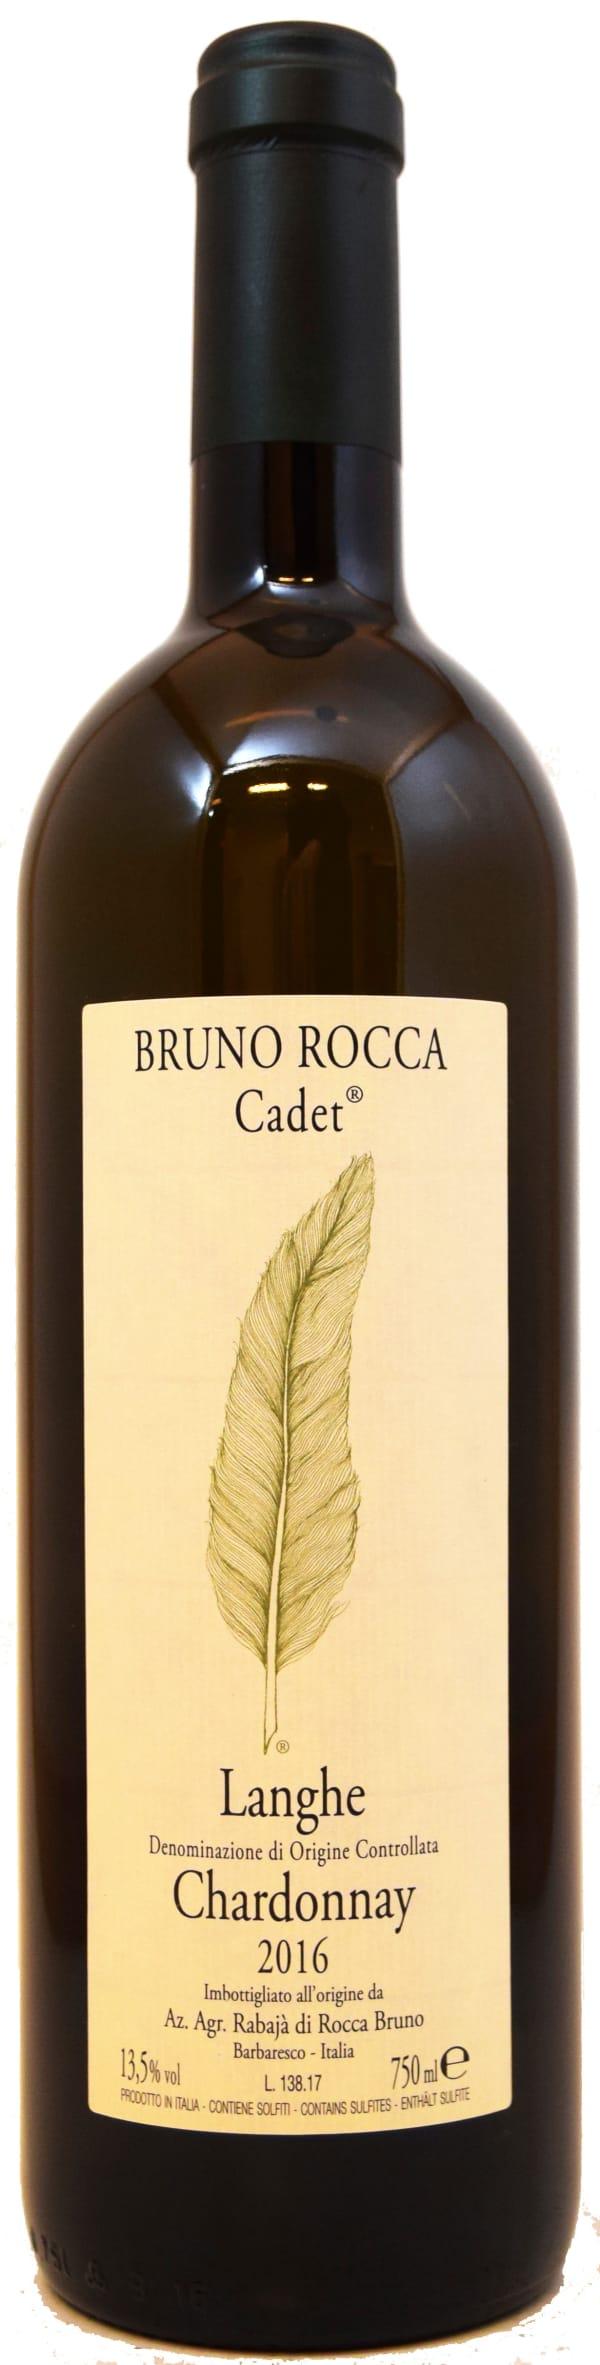 Bruno Rocca Cadet Chardonnay 2016